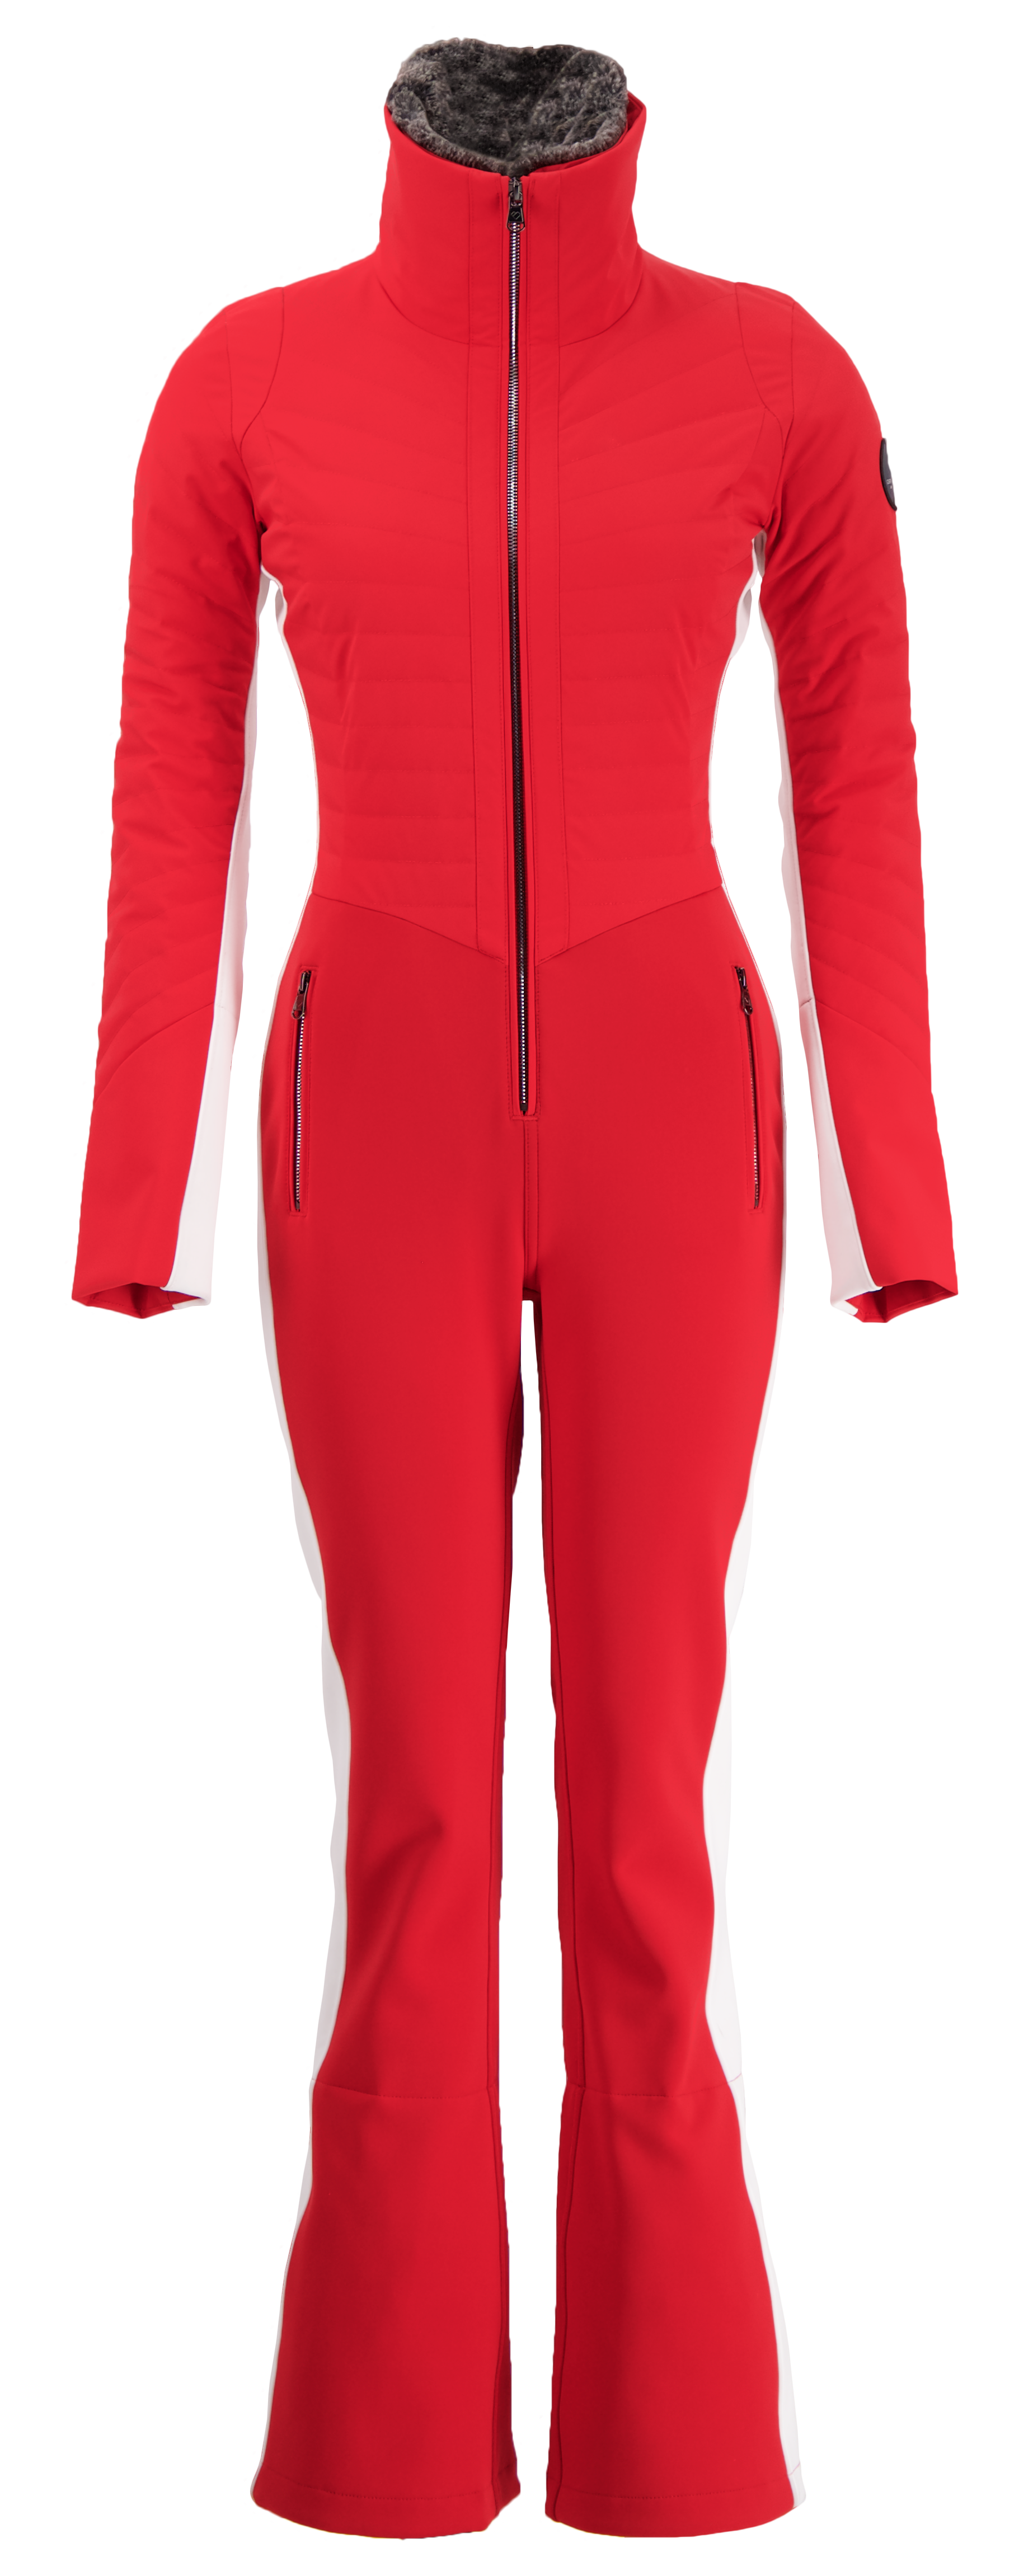 Arc'teryx Kappa SV jacket